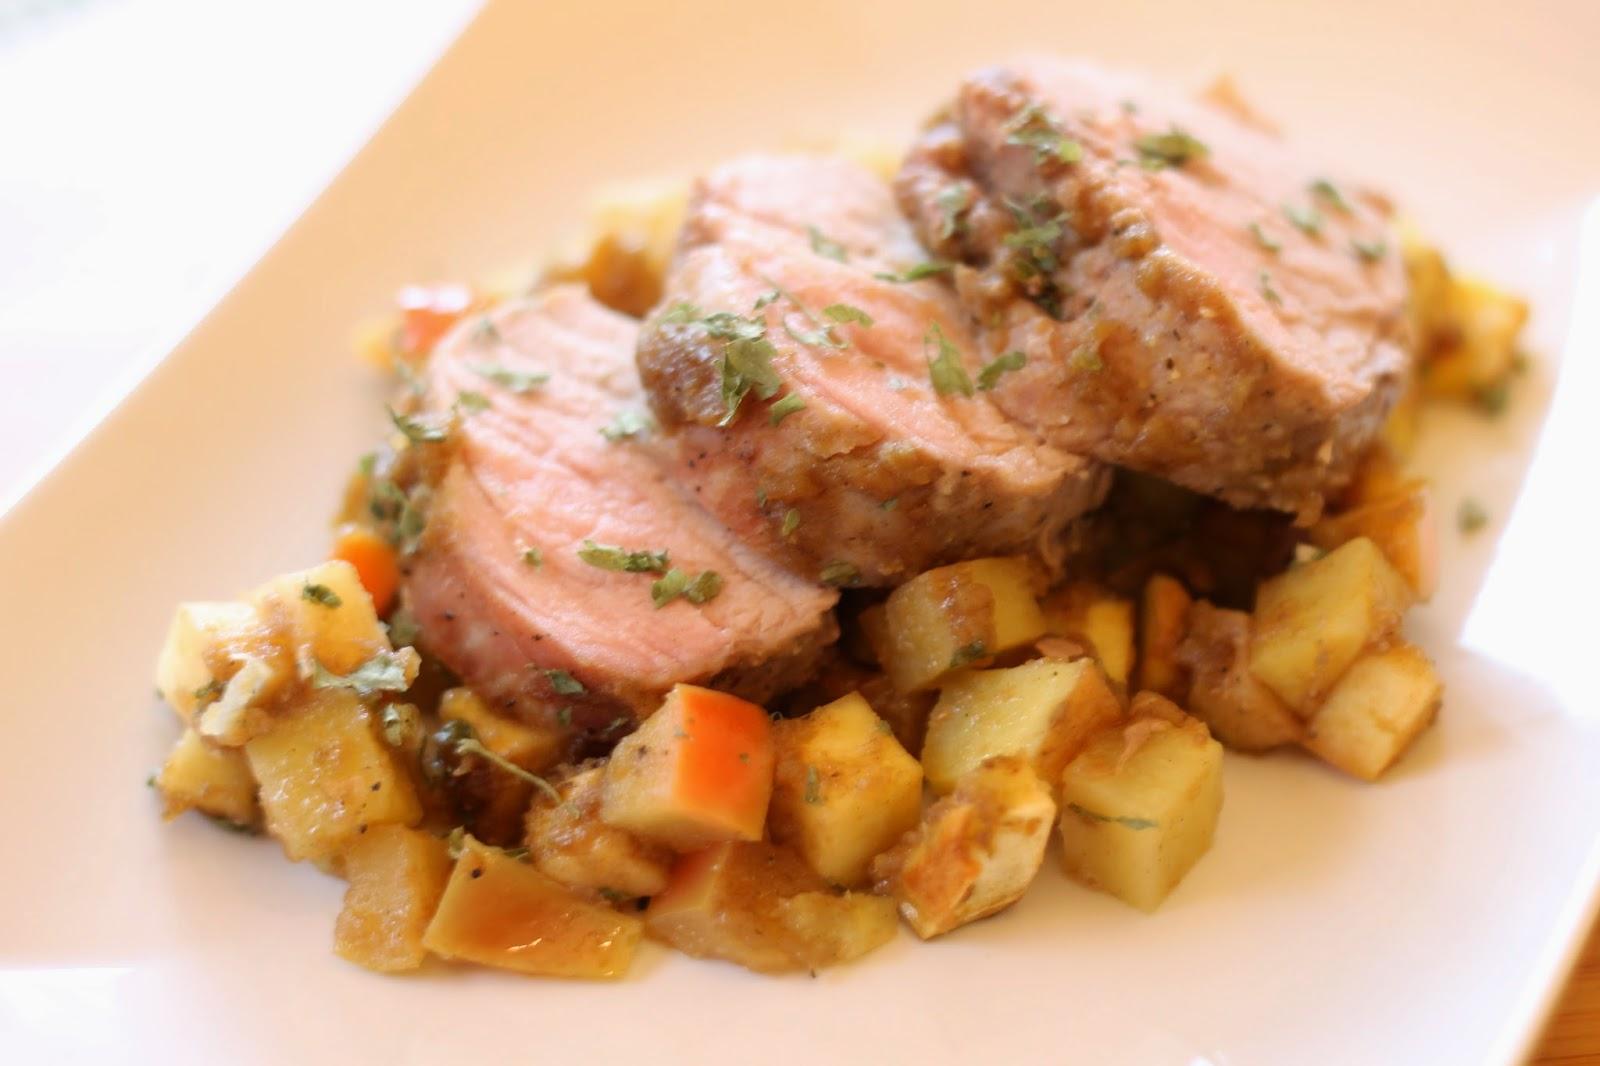 how to cook a 4 pound pork roast